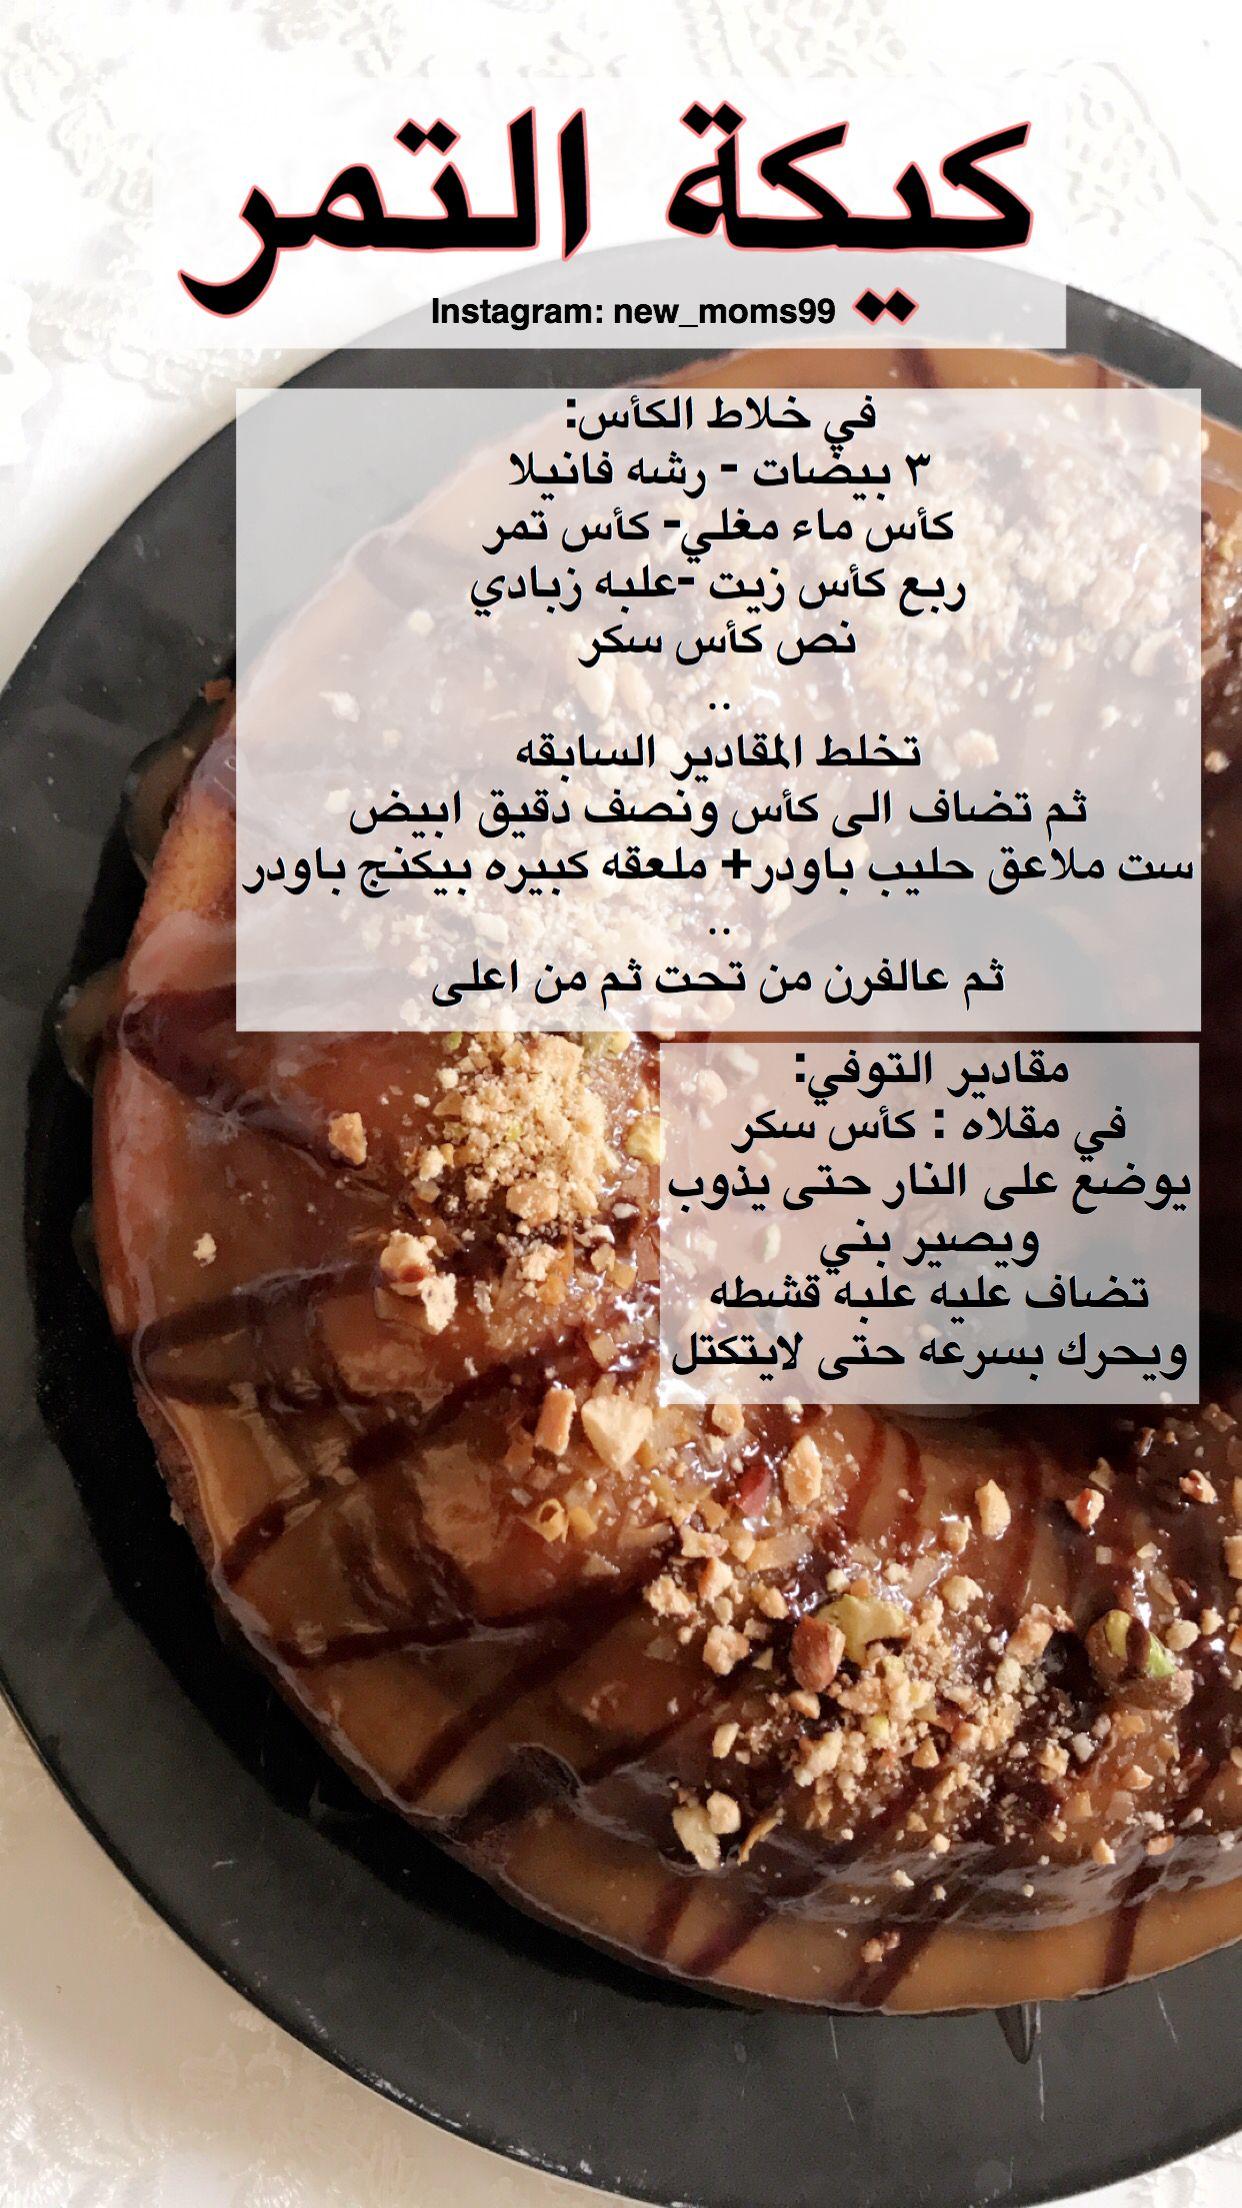 كيكة التمر بالتوفي هشه ولذييييذه Cooking Recipes Desserts Dessert Ingredients Yummy Food Dessert